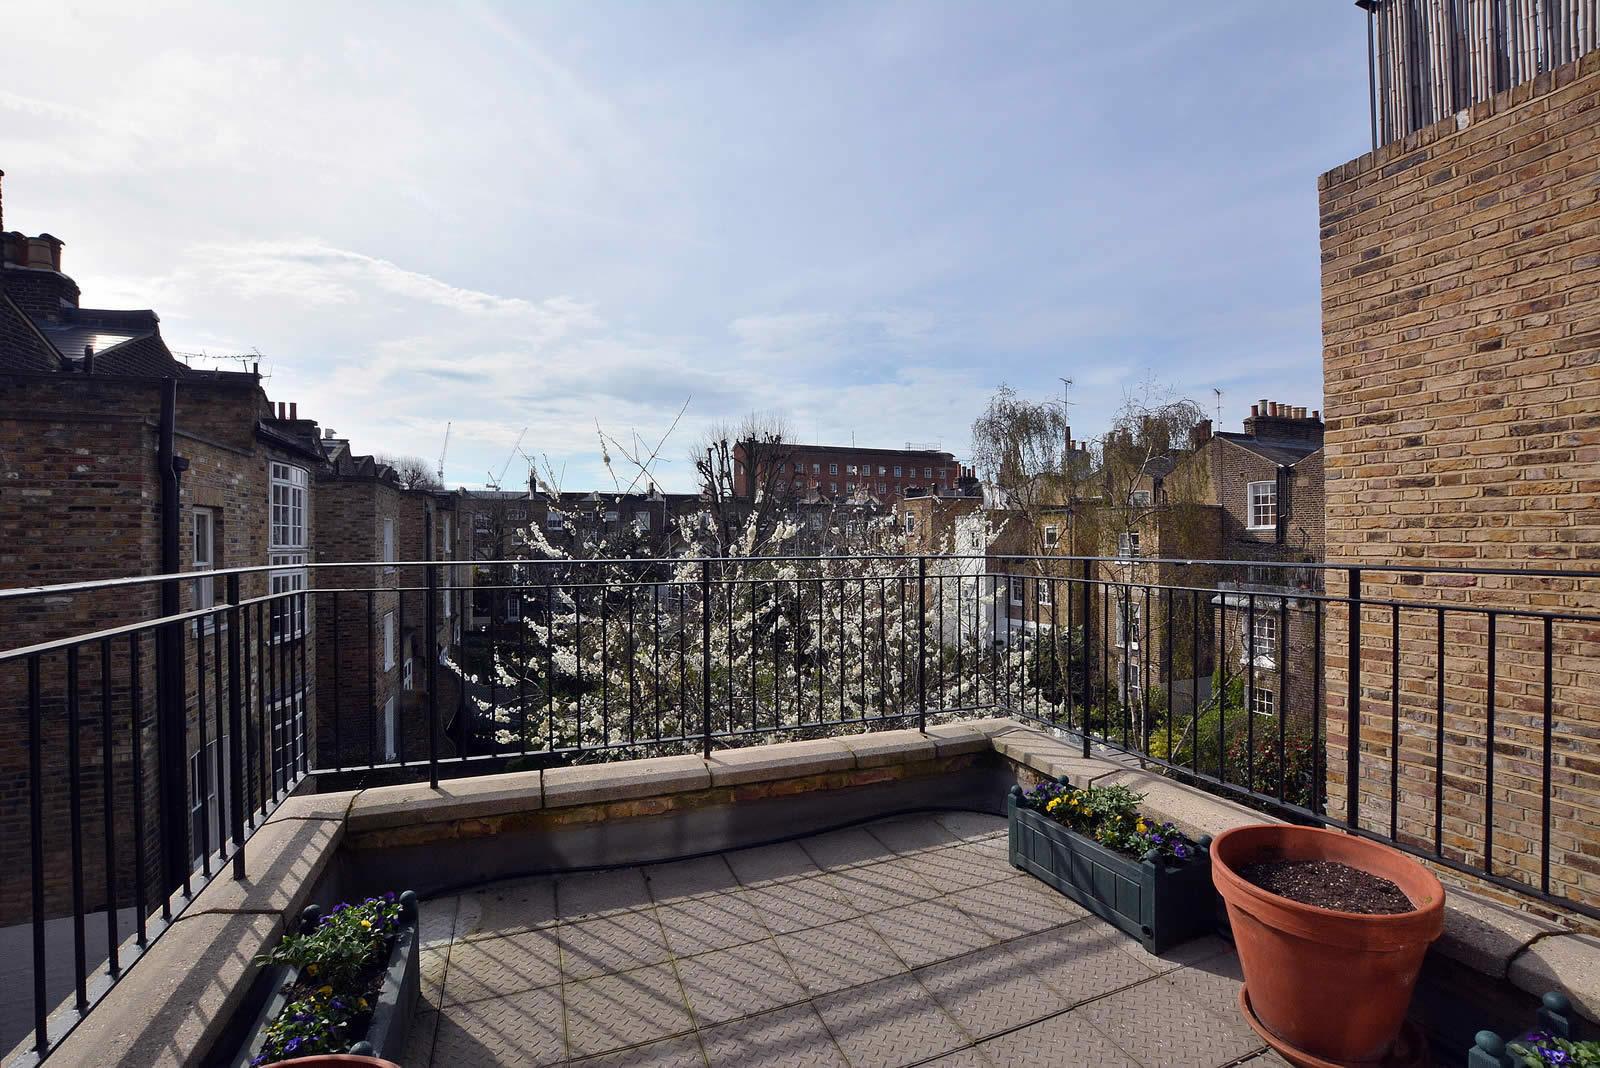 Maison familiale vendre kensington londres 2 terrasses 1 jardin priva - Acheter appartement londres ...